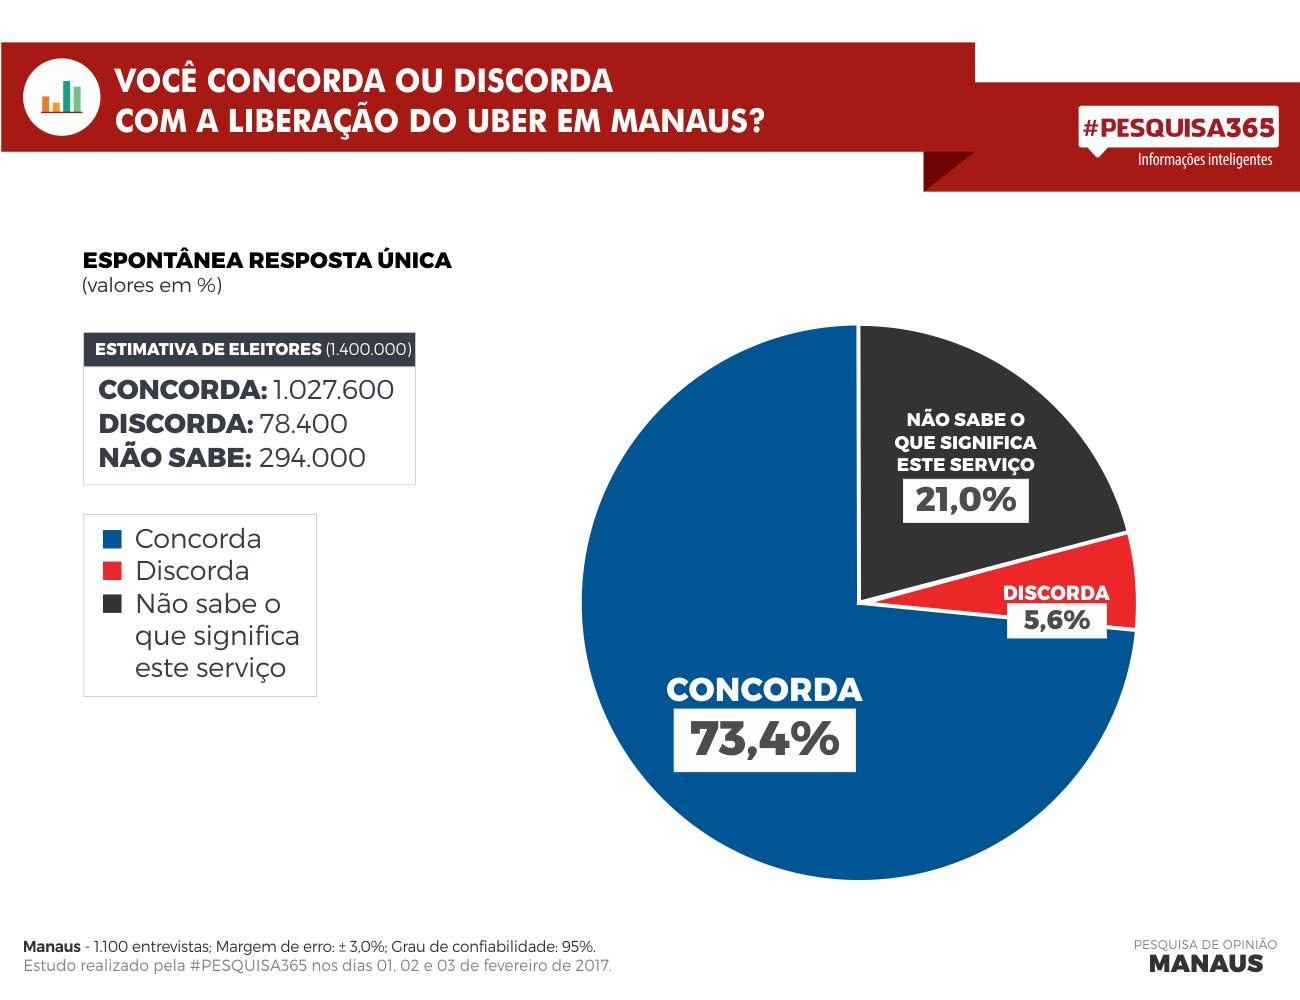 Durango Duarte - 73,4% dos moradores de Manaus concordam com a implantação do Uber